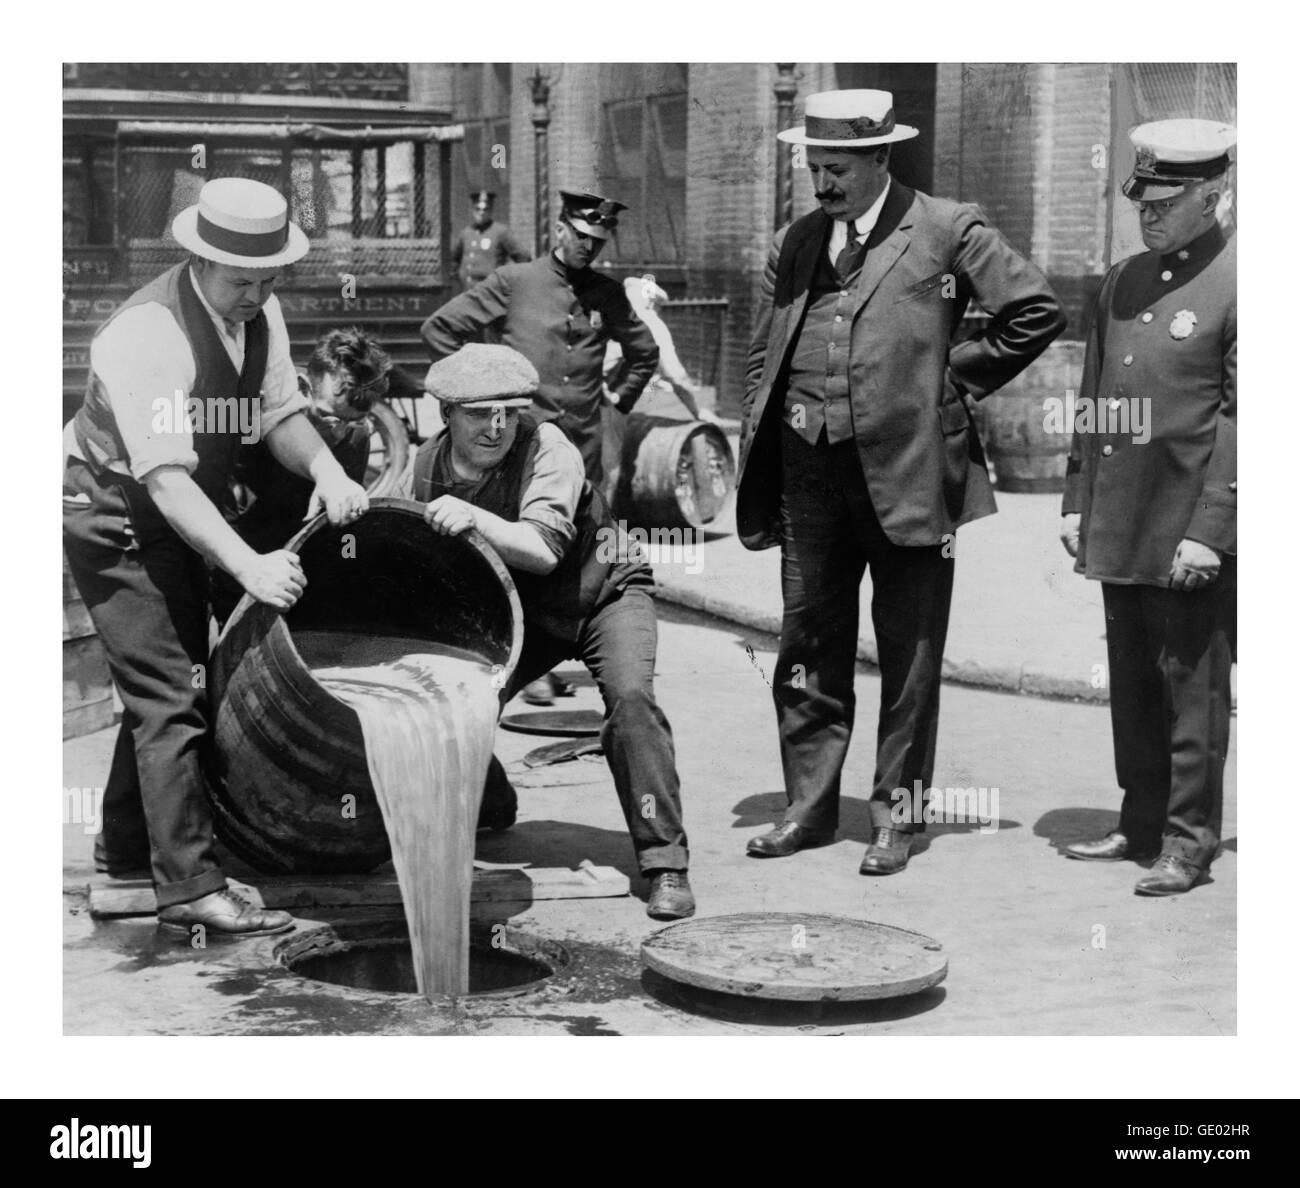 Alkohol ist unten der Kanalisation während 1919 Verbot und eingeschmuggelte Tage in den USA gegossen. Stockbild